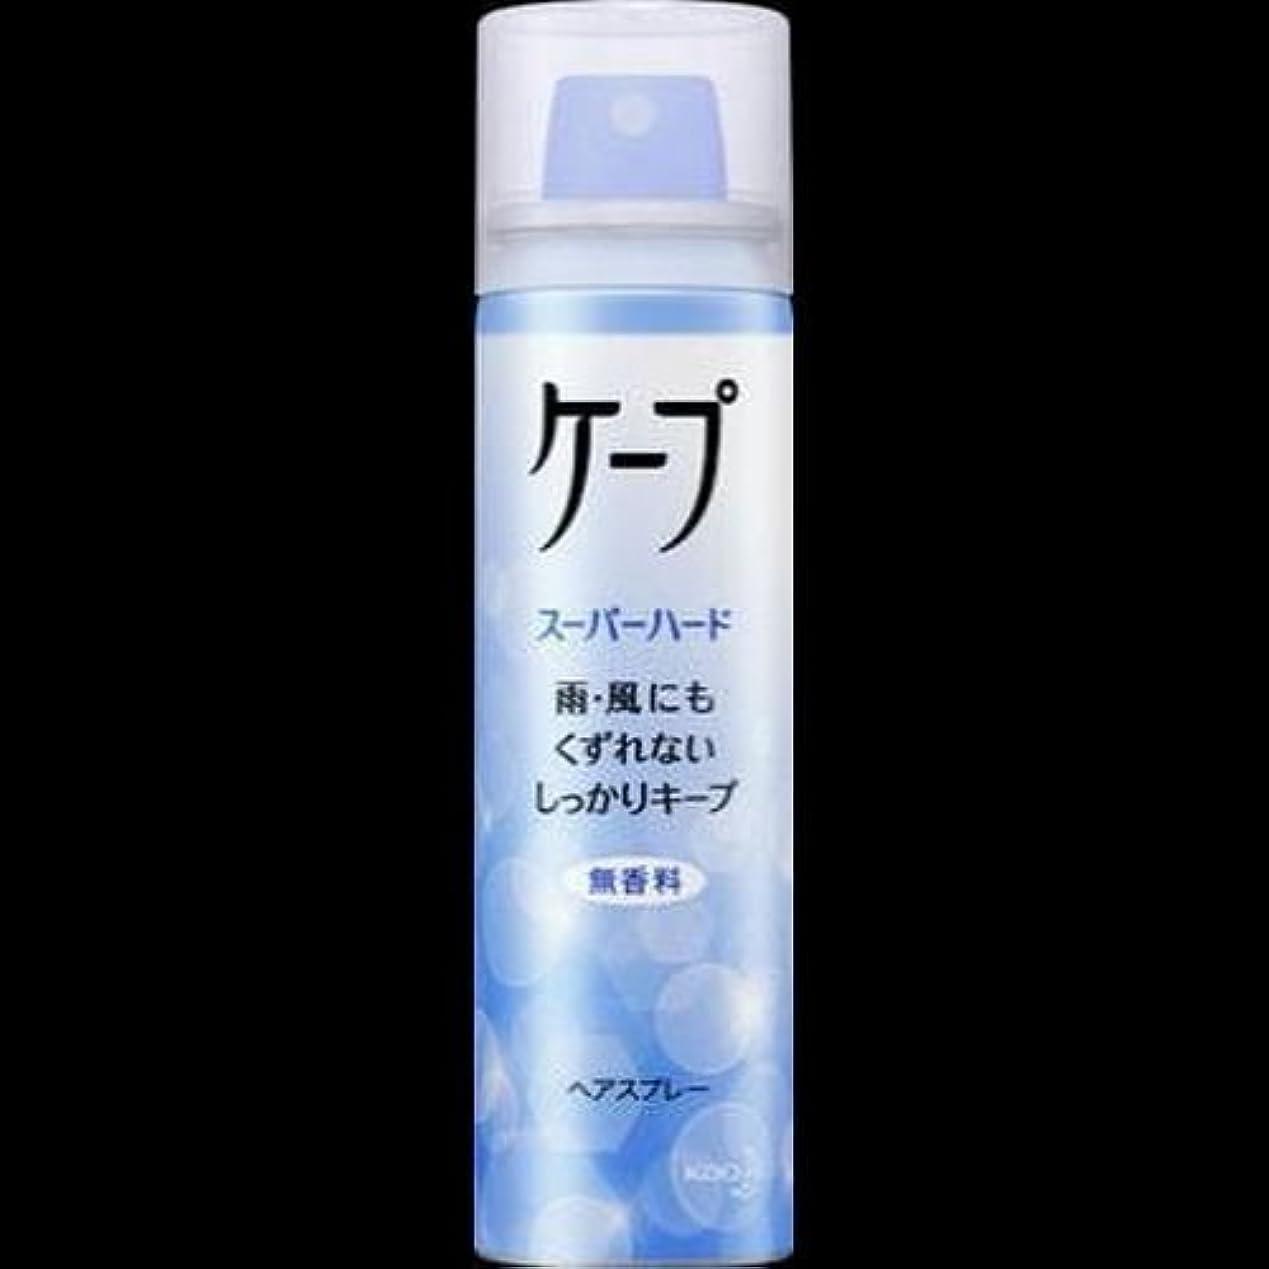 プラグ優勢億【まとめ買い】ヘアスプレーケープ スーパーハード 無香料 小50g ×2セット